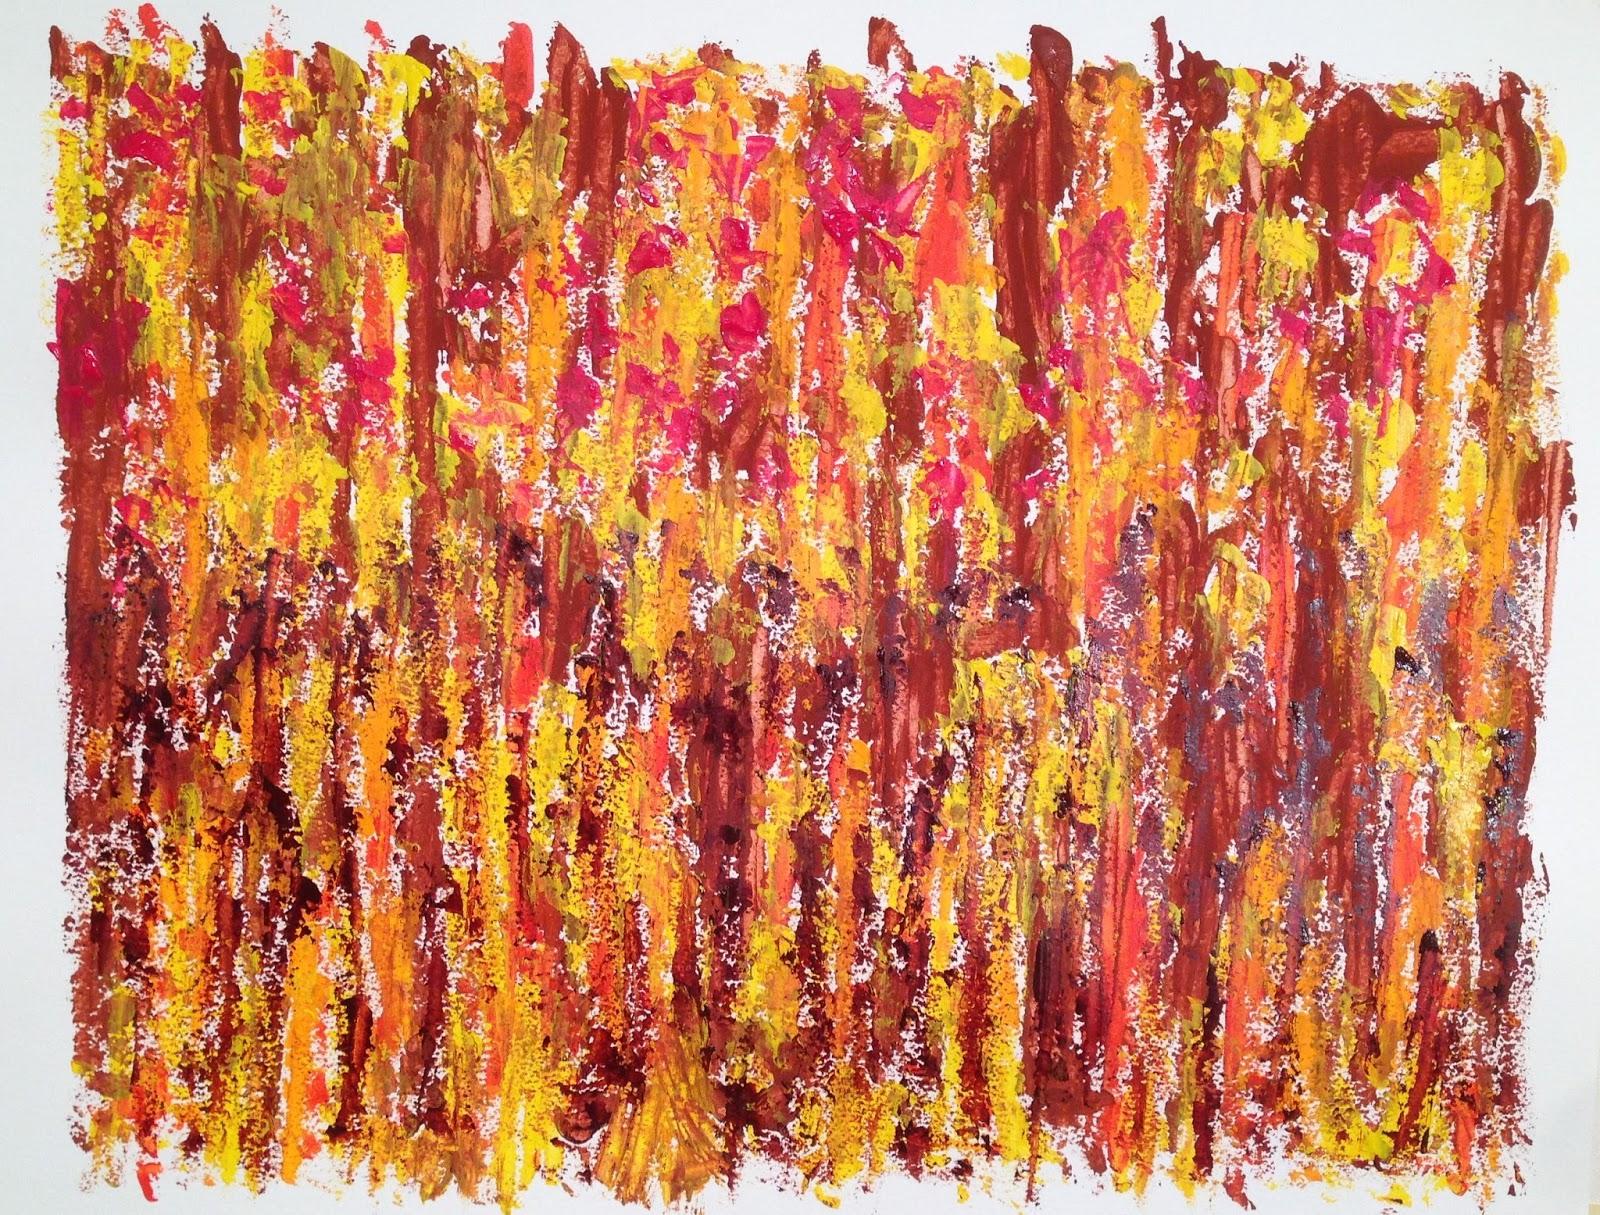 N°3328 - Champ - Acrylique et pigments sur papier - 50 x 65 cm - 15 juin 2016